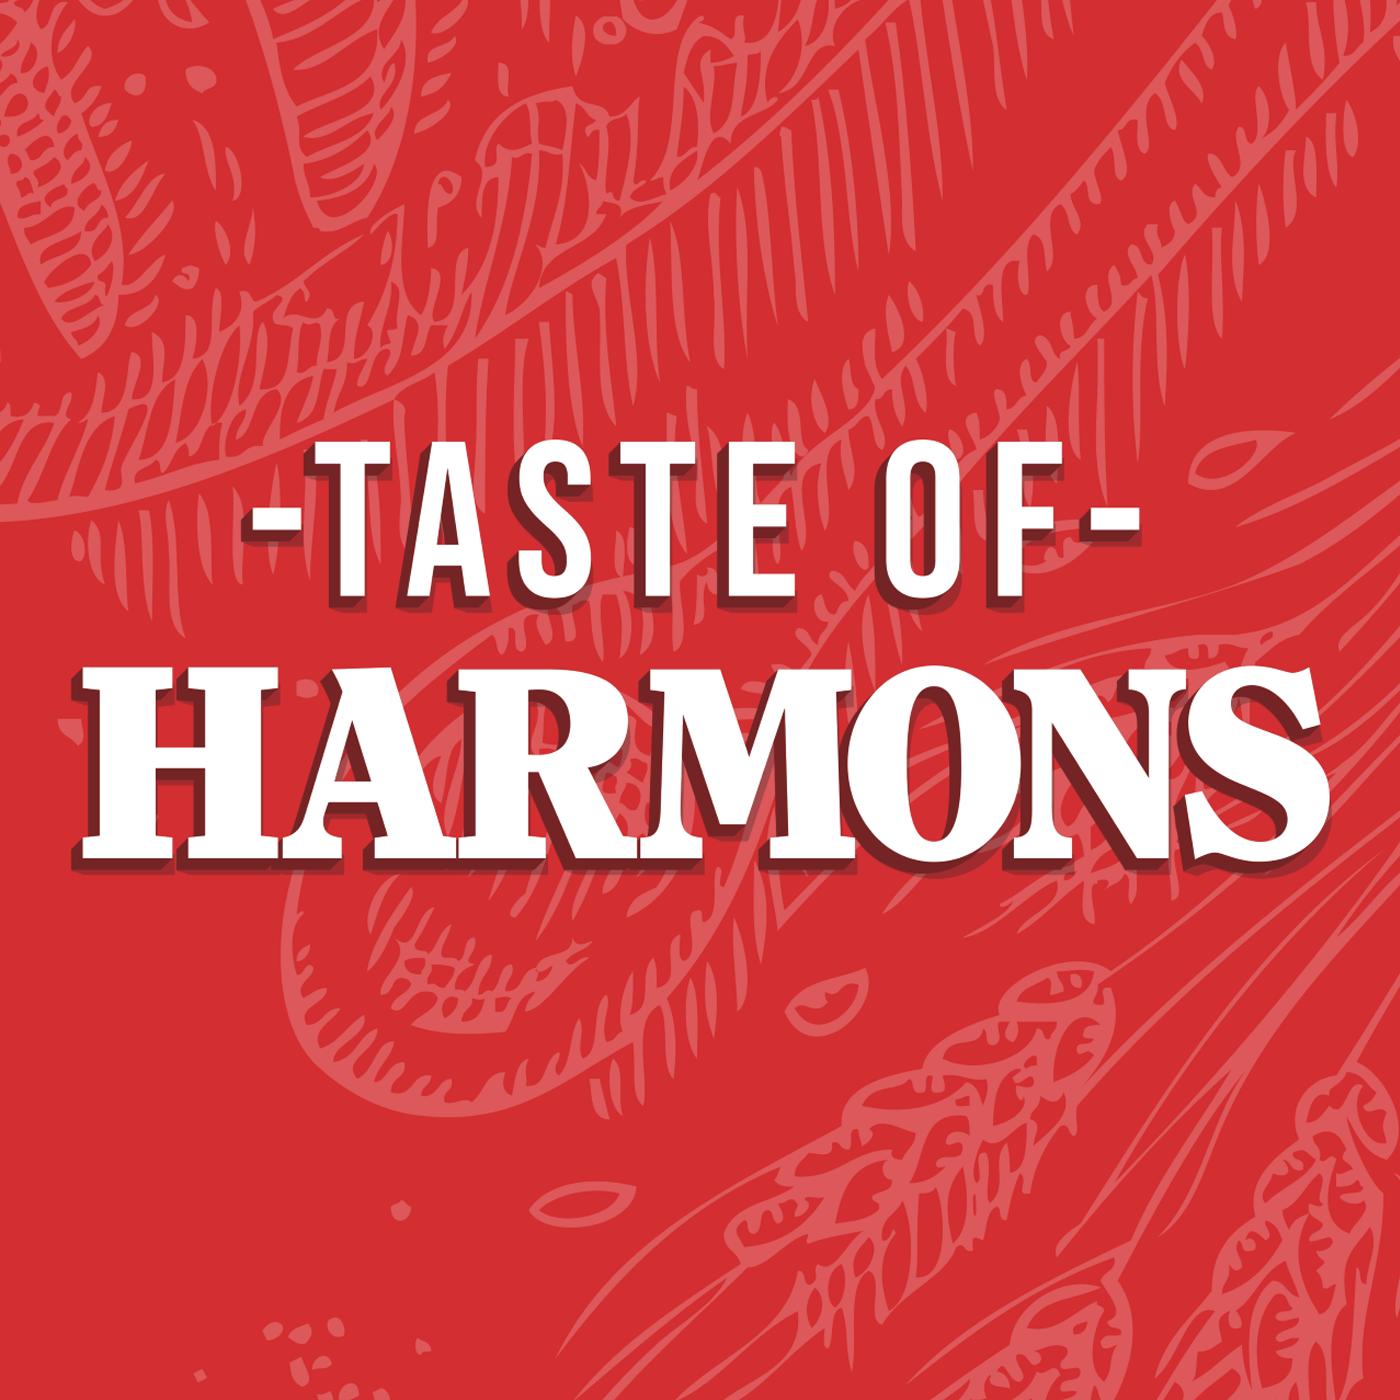 Taste of Harmons Podcast show art